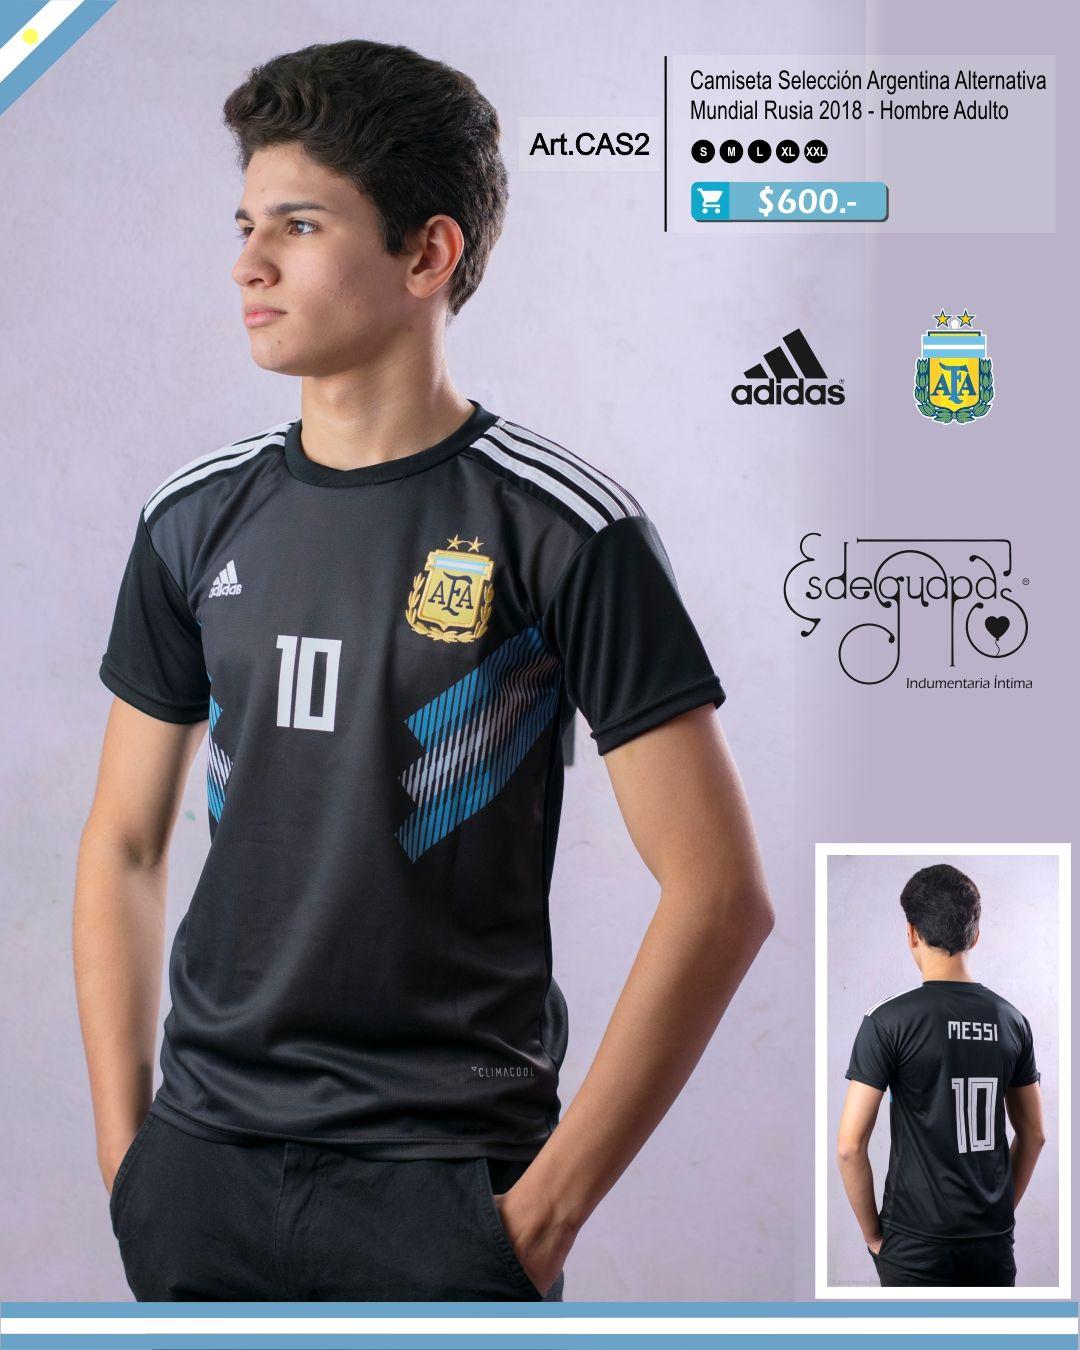 Foto publicitaria modelo masculino ropa - MP Producciones